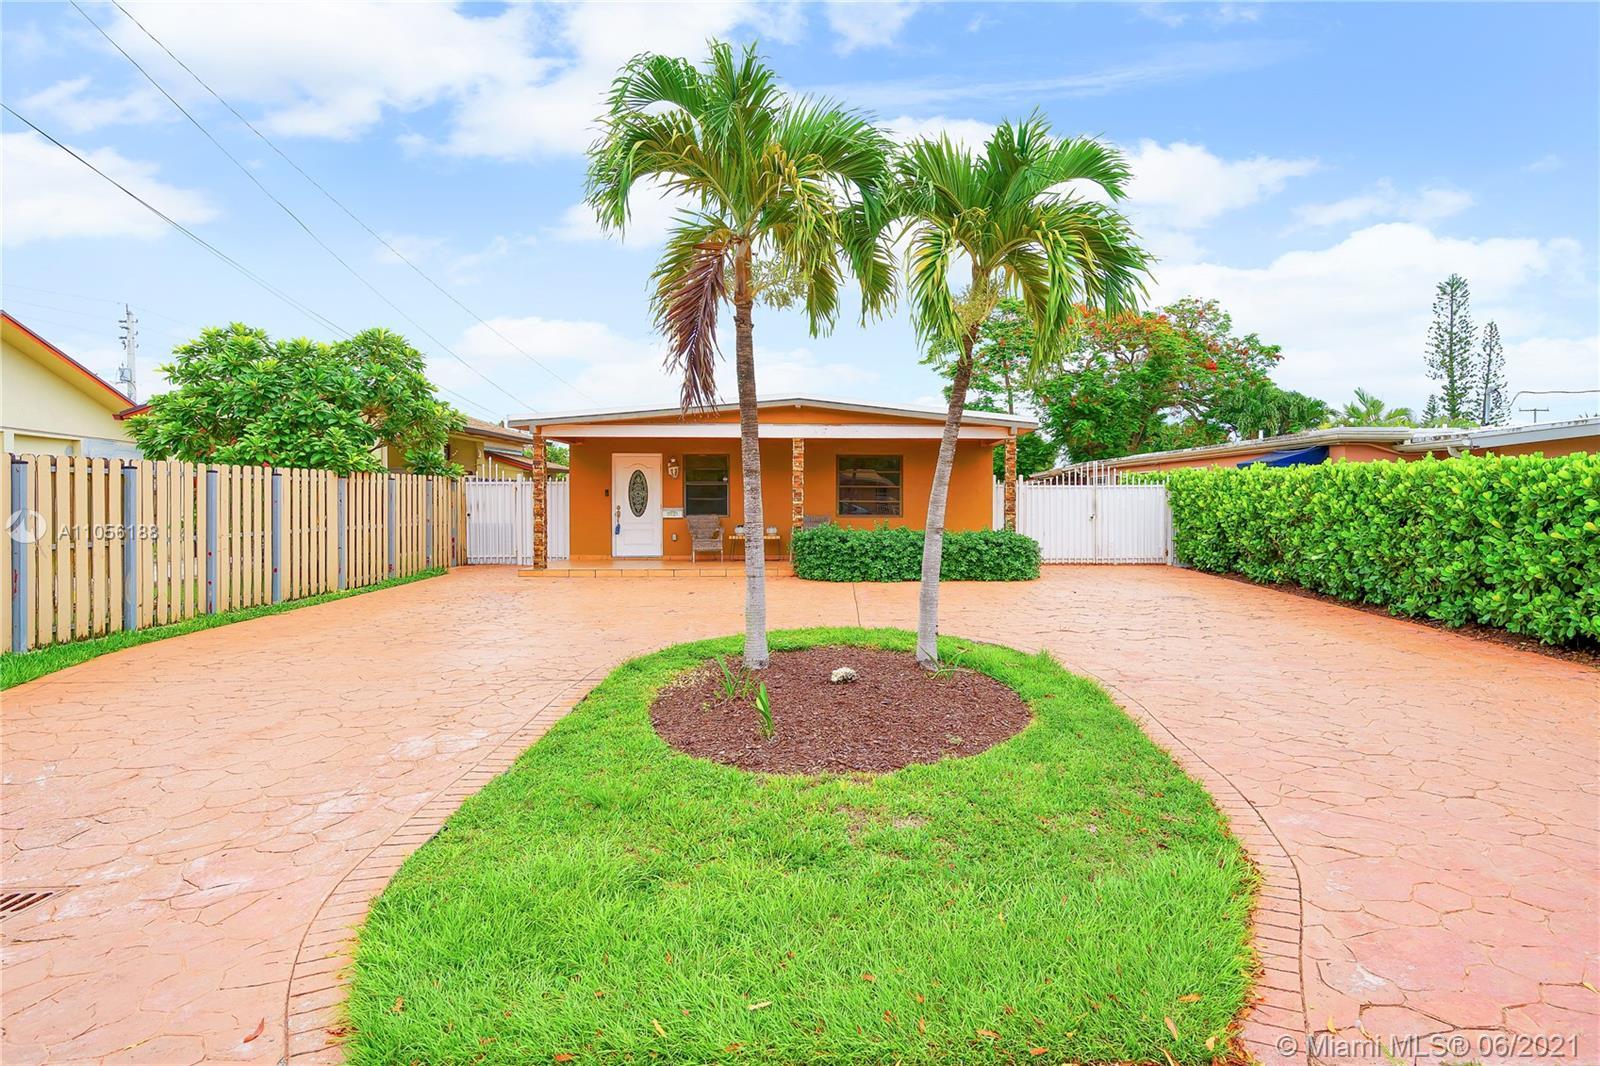 Coral Villas - 3121 SW 65th Ave, Miami, FL 33155